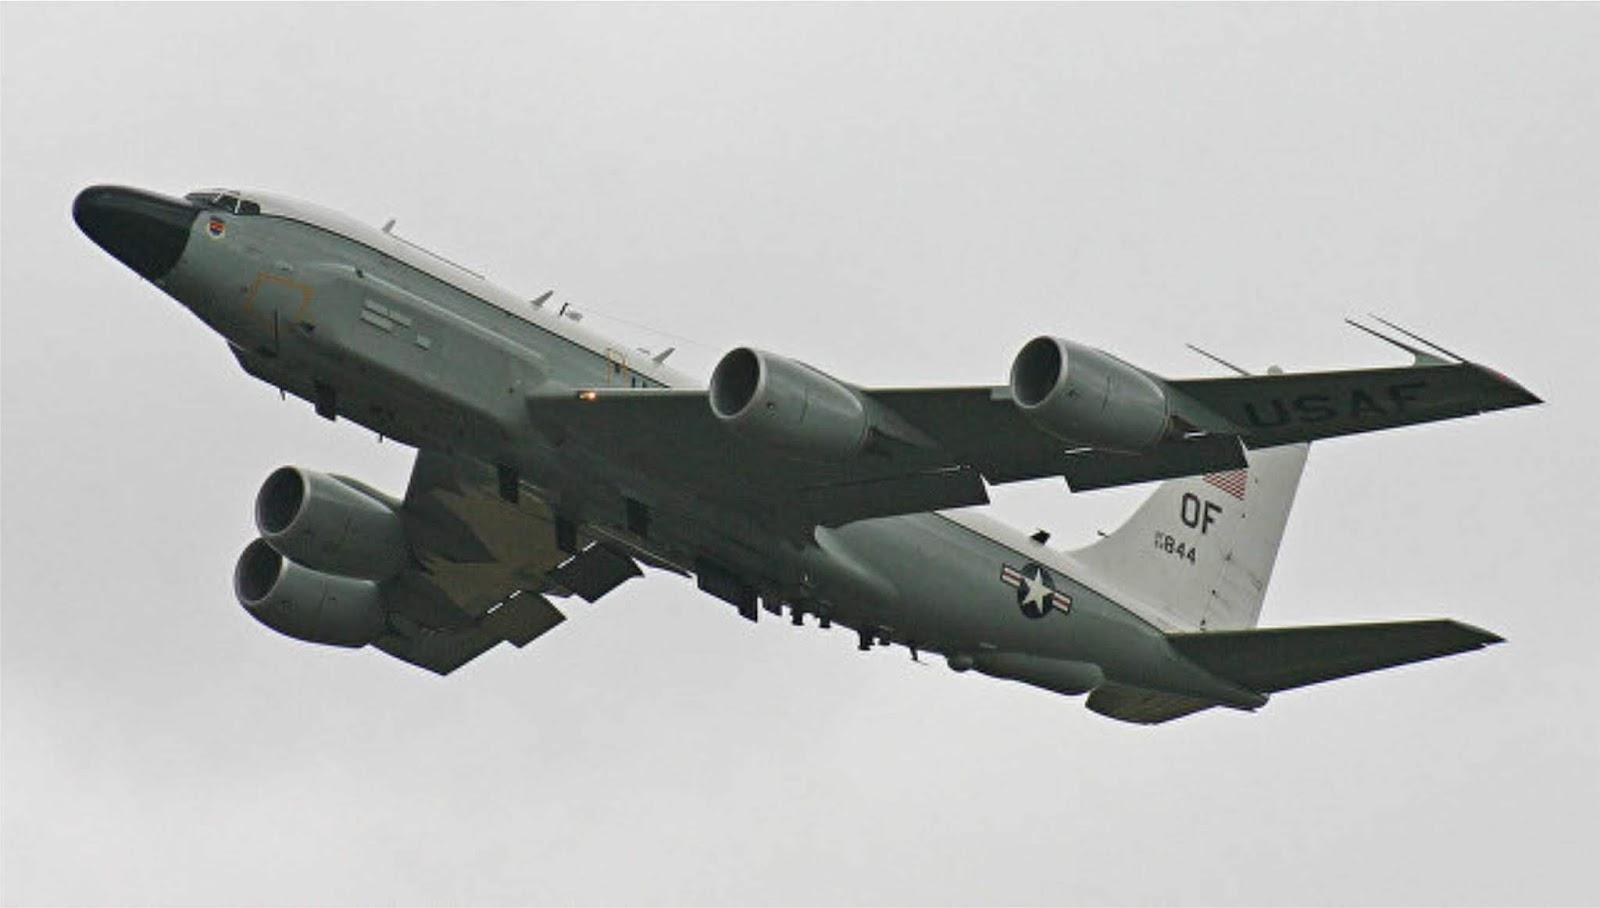 Pesawat pengintai Angkatan Udara AS menuju ke Semenanjung Krimea